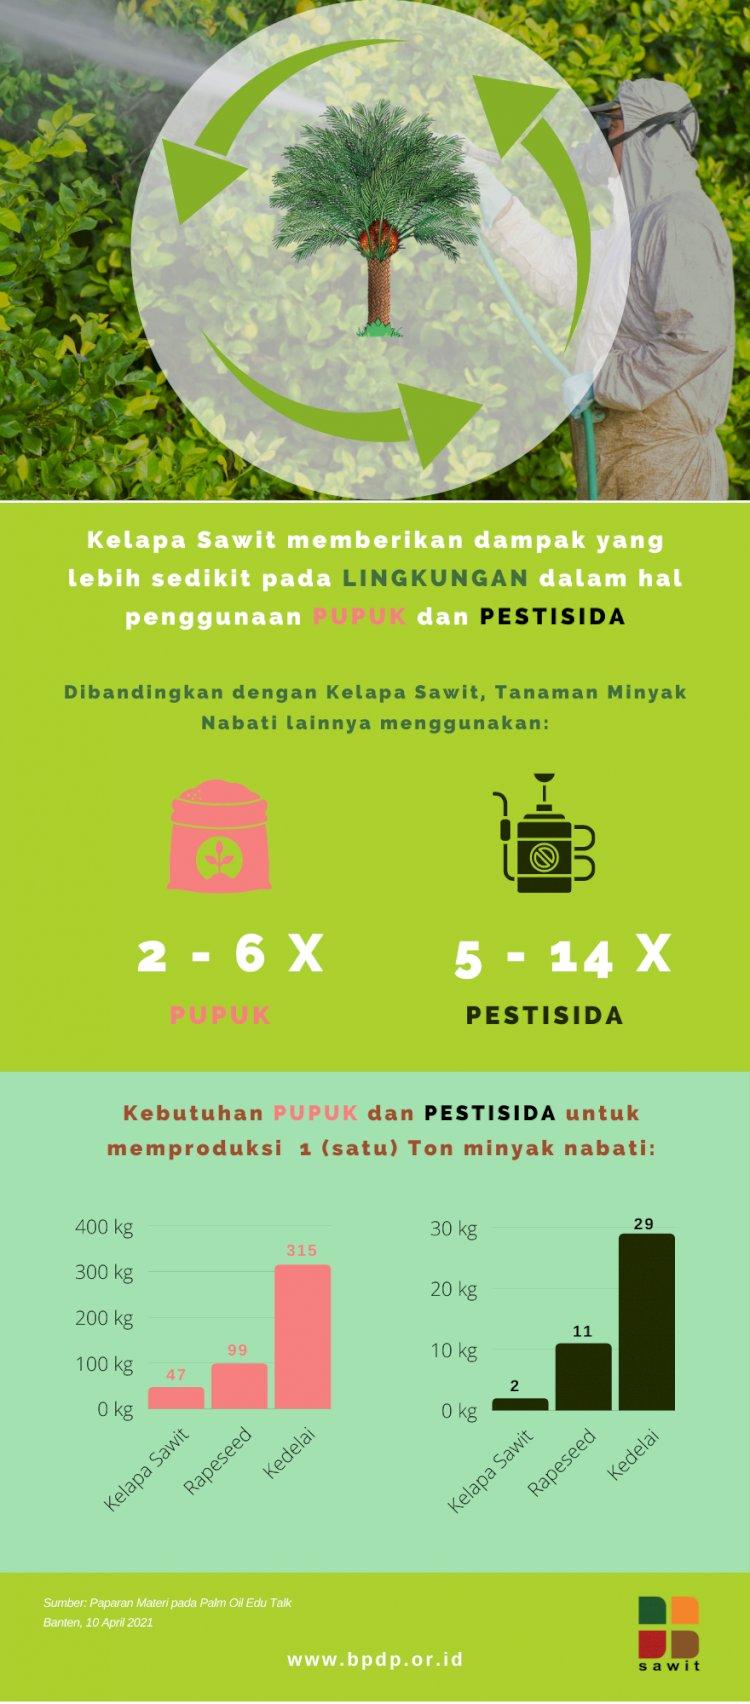 Efisien Gunakan Pupuk dan Pestisida, Kelapa Sawit Lebih Ramah Lingkungan Dibandingkan Tanaman Minyak Nabati Lainnya